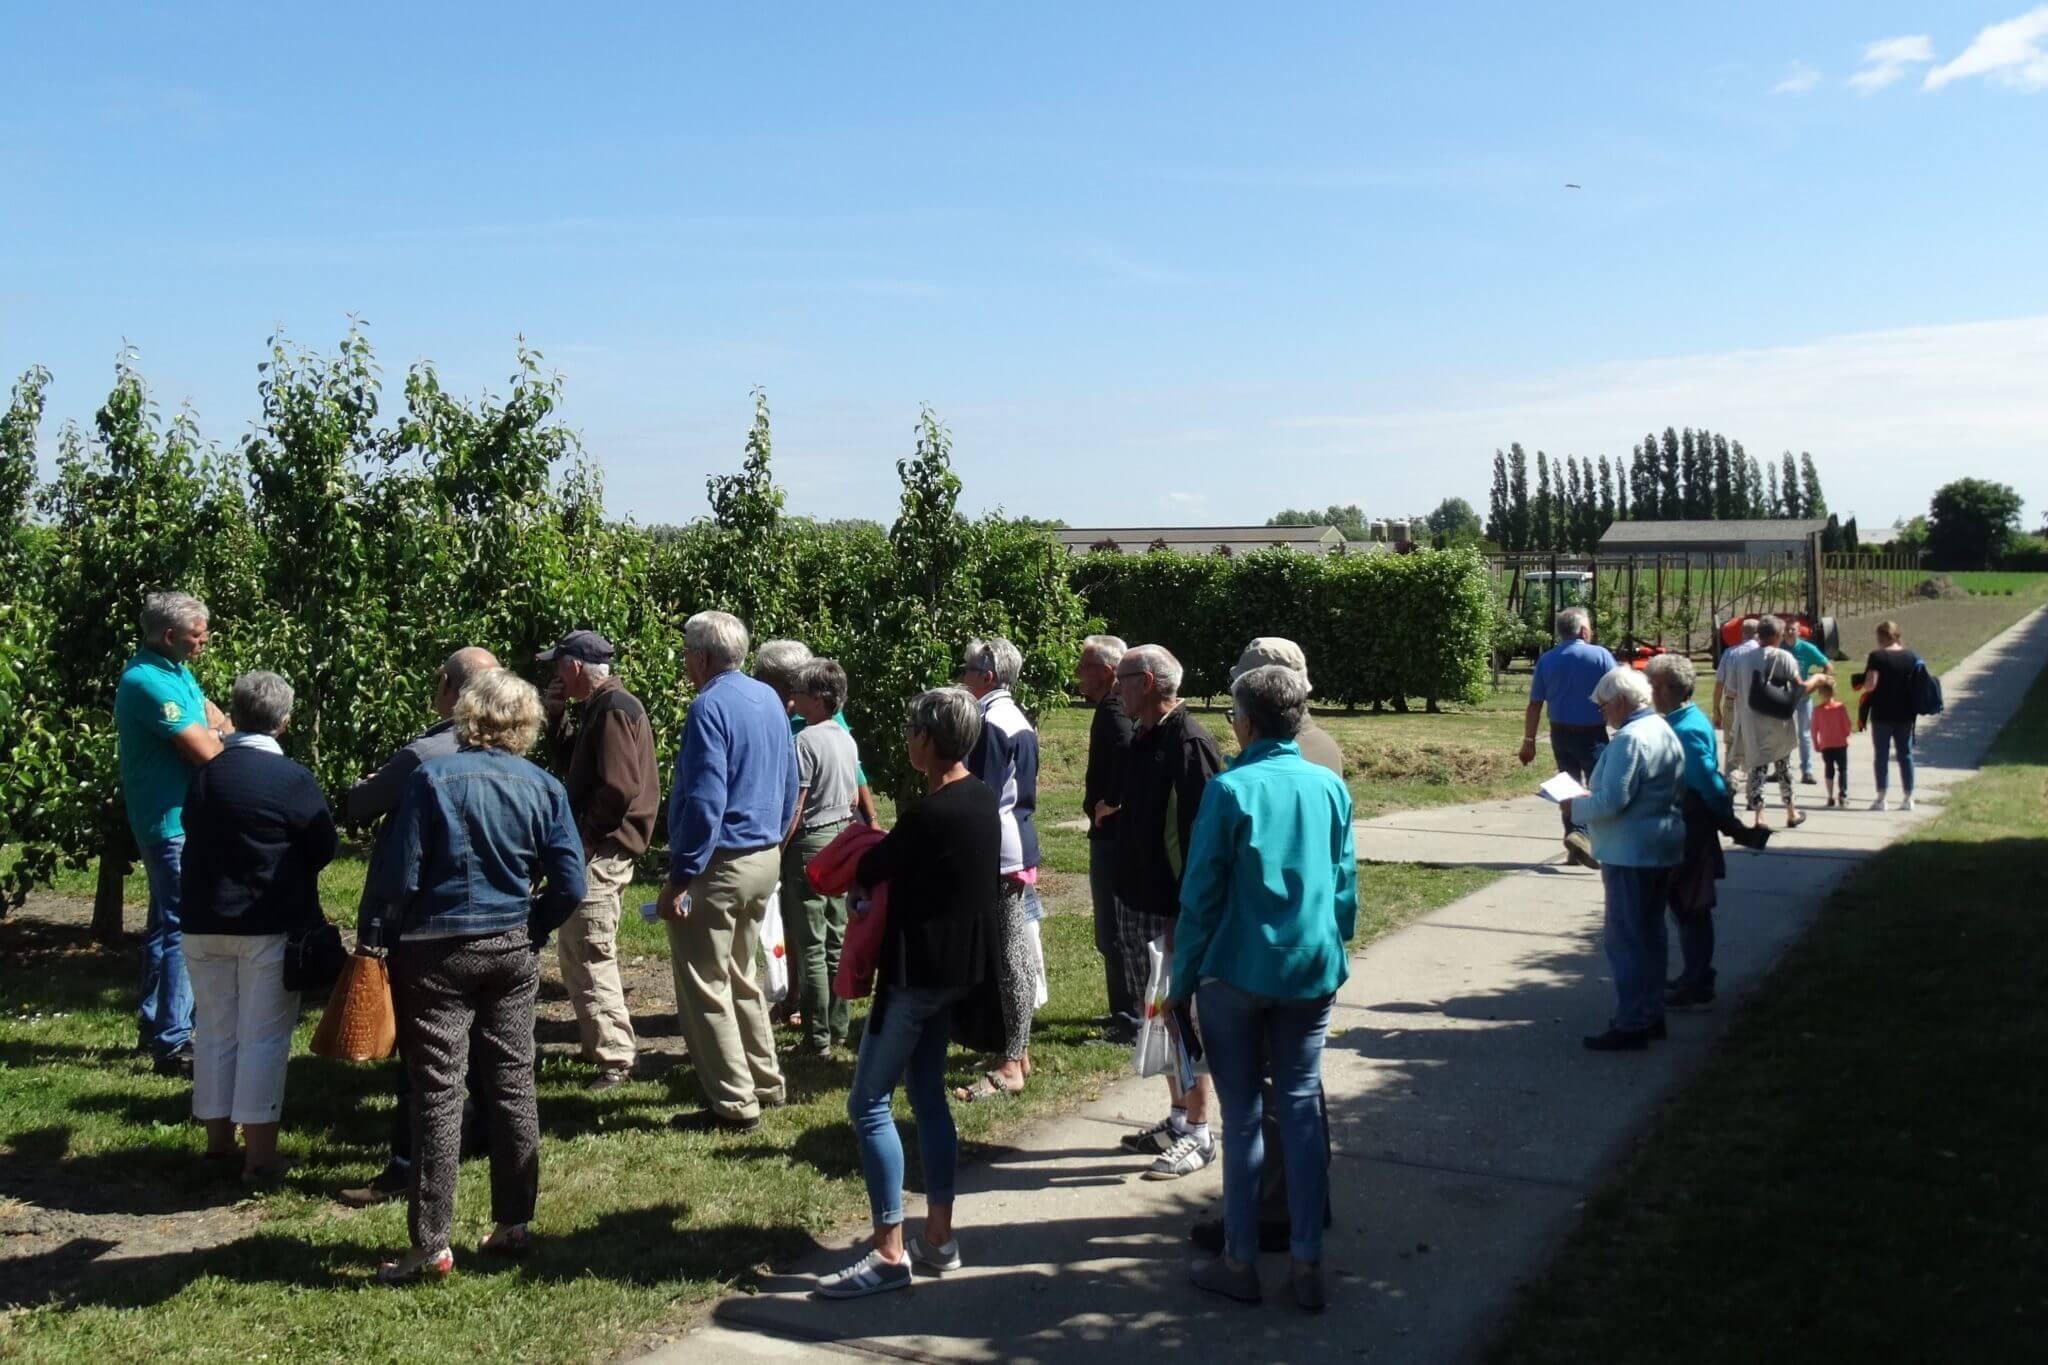 Fruitbedrijf Van den Berge_Buurten bij de Boer_rondleiding boomgaard6